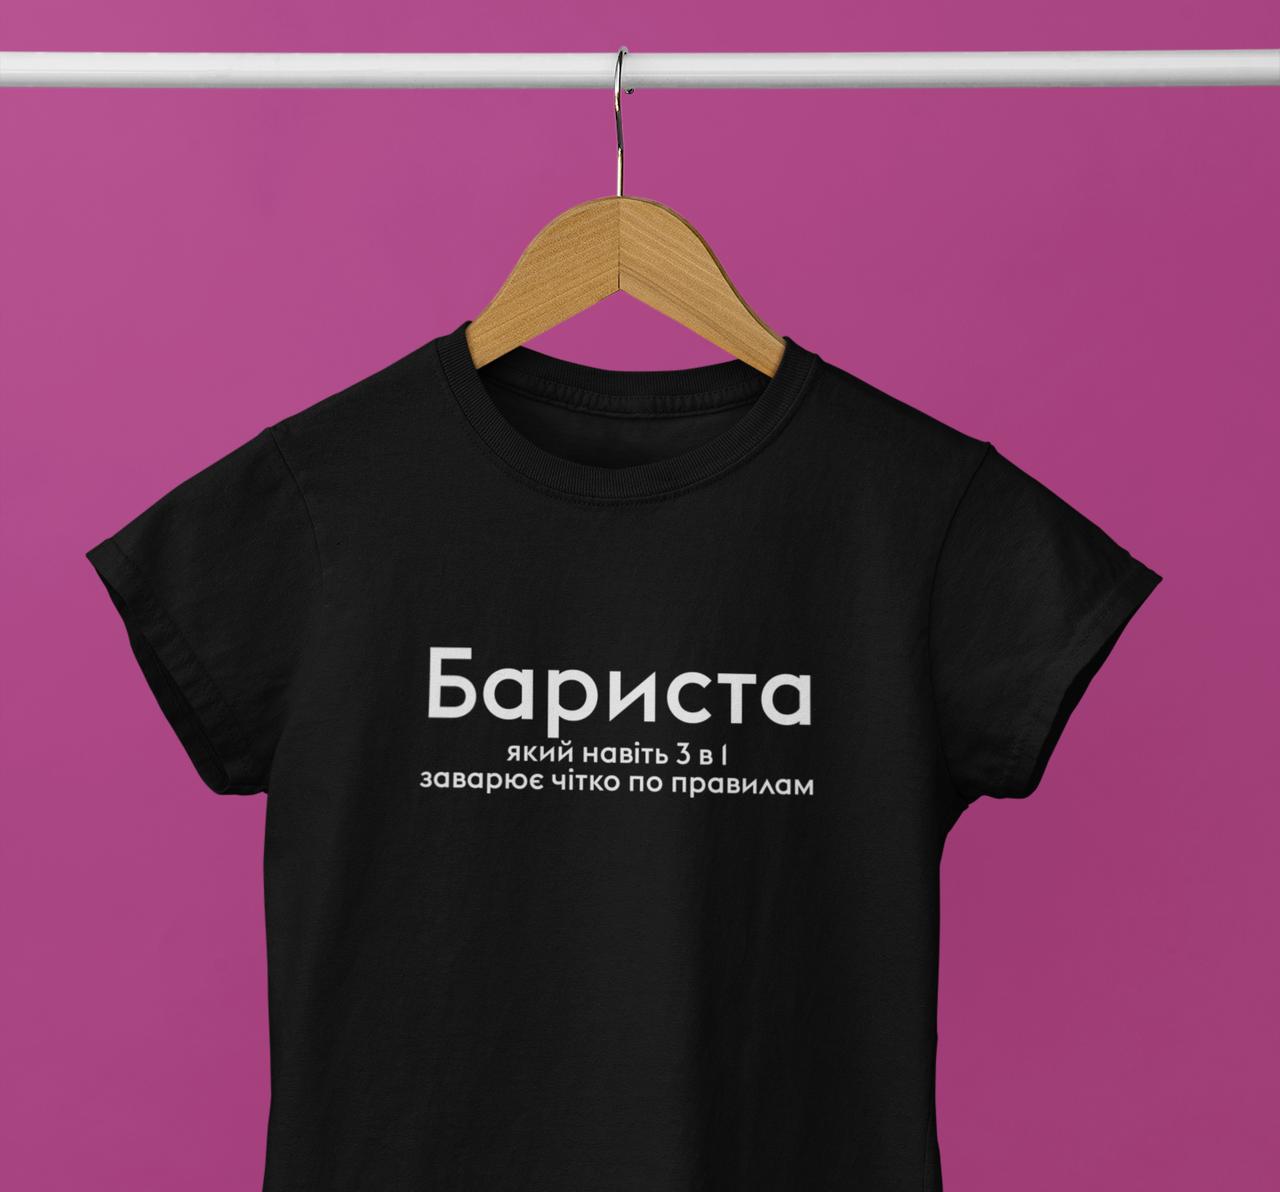 """Футболка с  надписью / Футболка с принтом """"Бариста"""""""